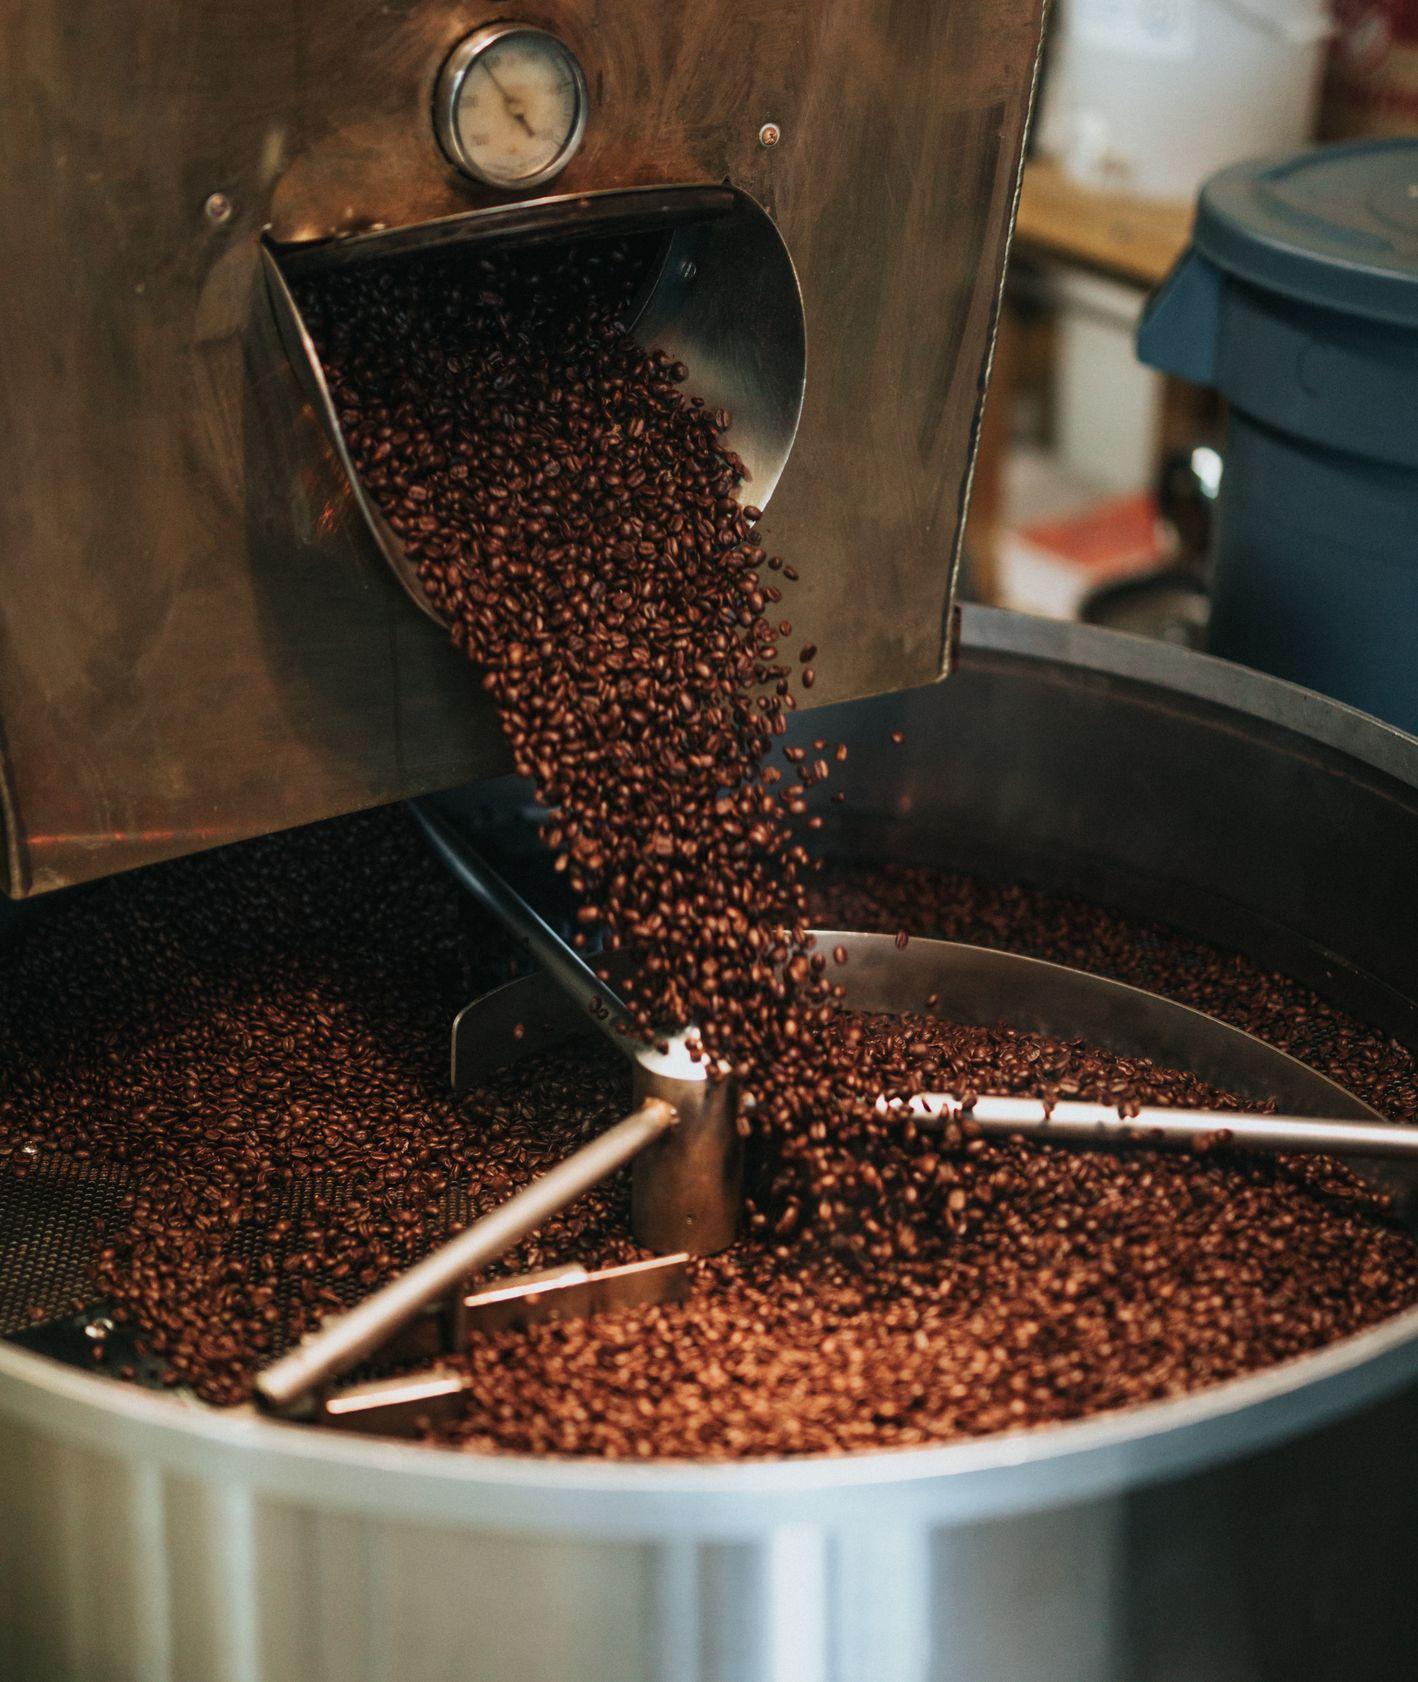 Ziarna kawy wysypywane z pieca (fot. Nathan Dumlao / unsplash.com)